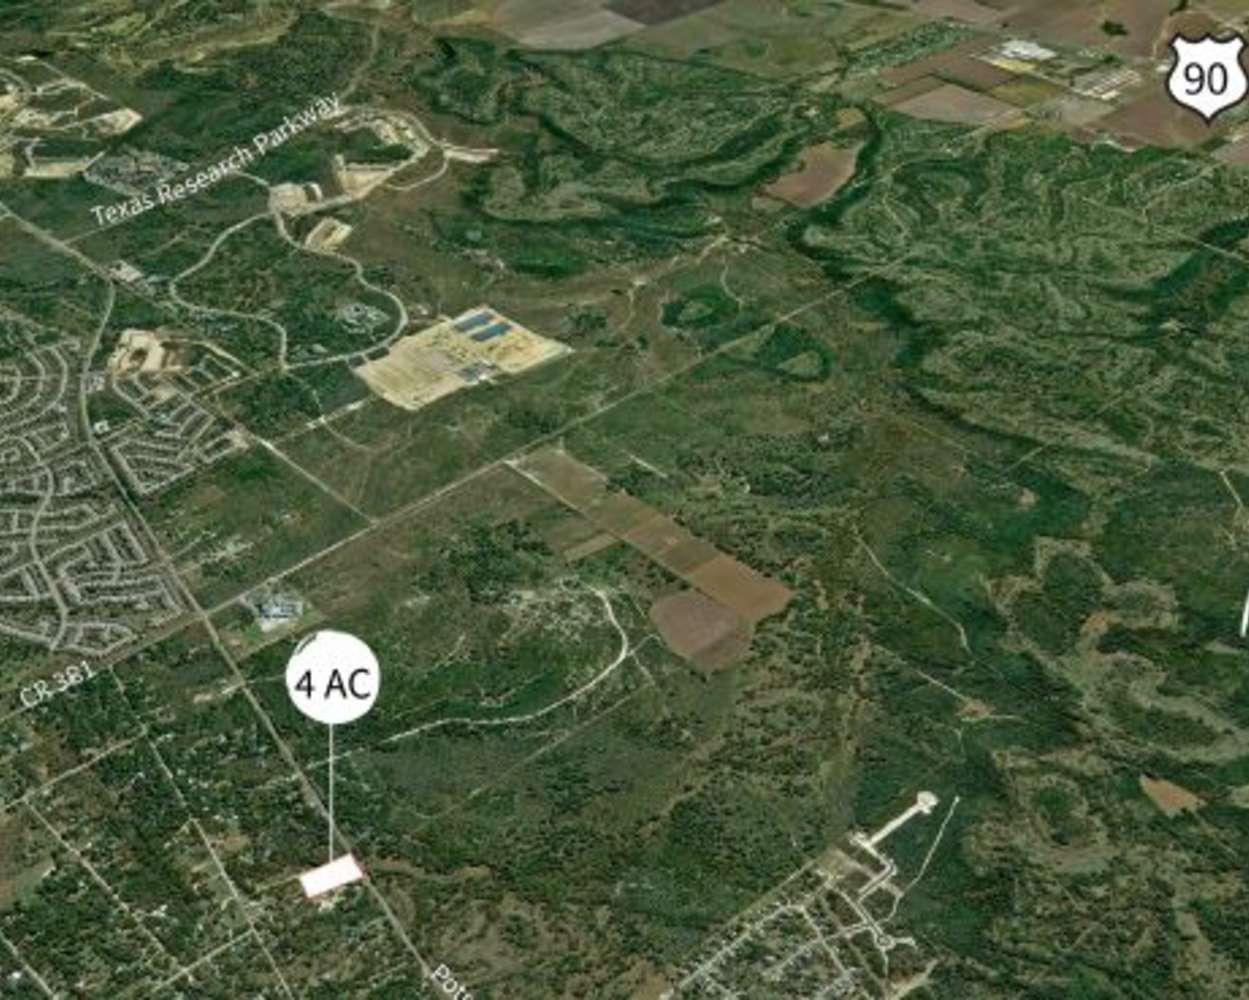 Land San antonio, 78253 - FM1957 & Co Rd 388